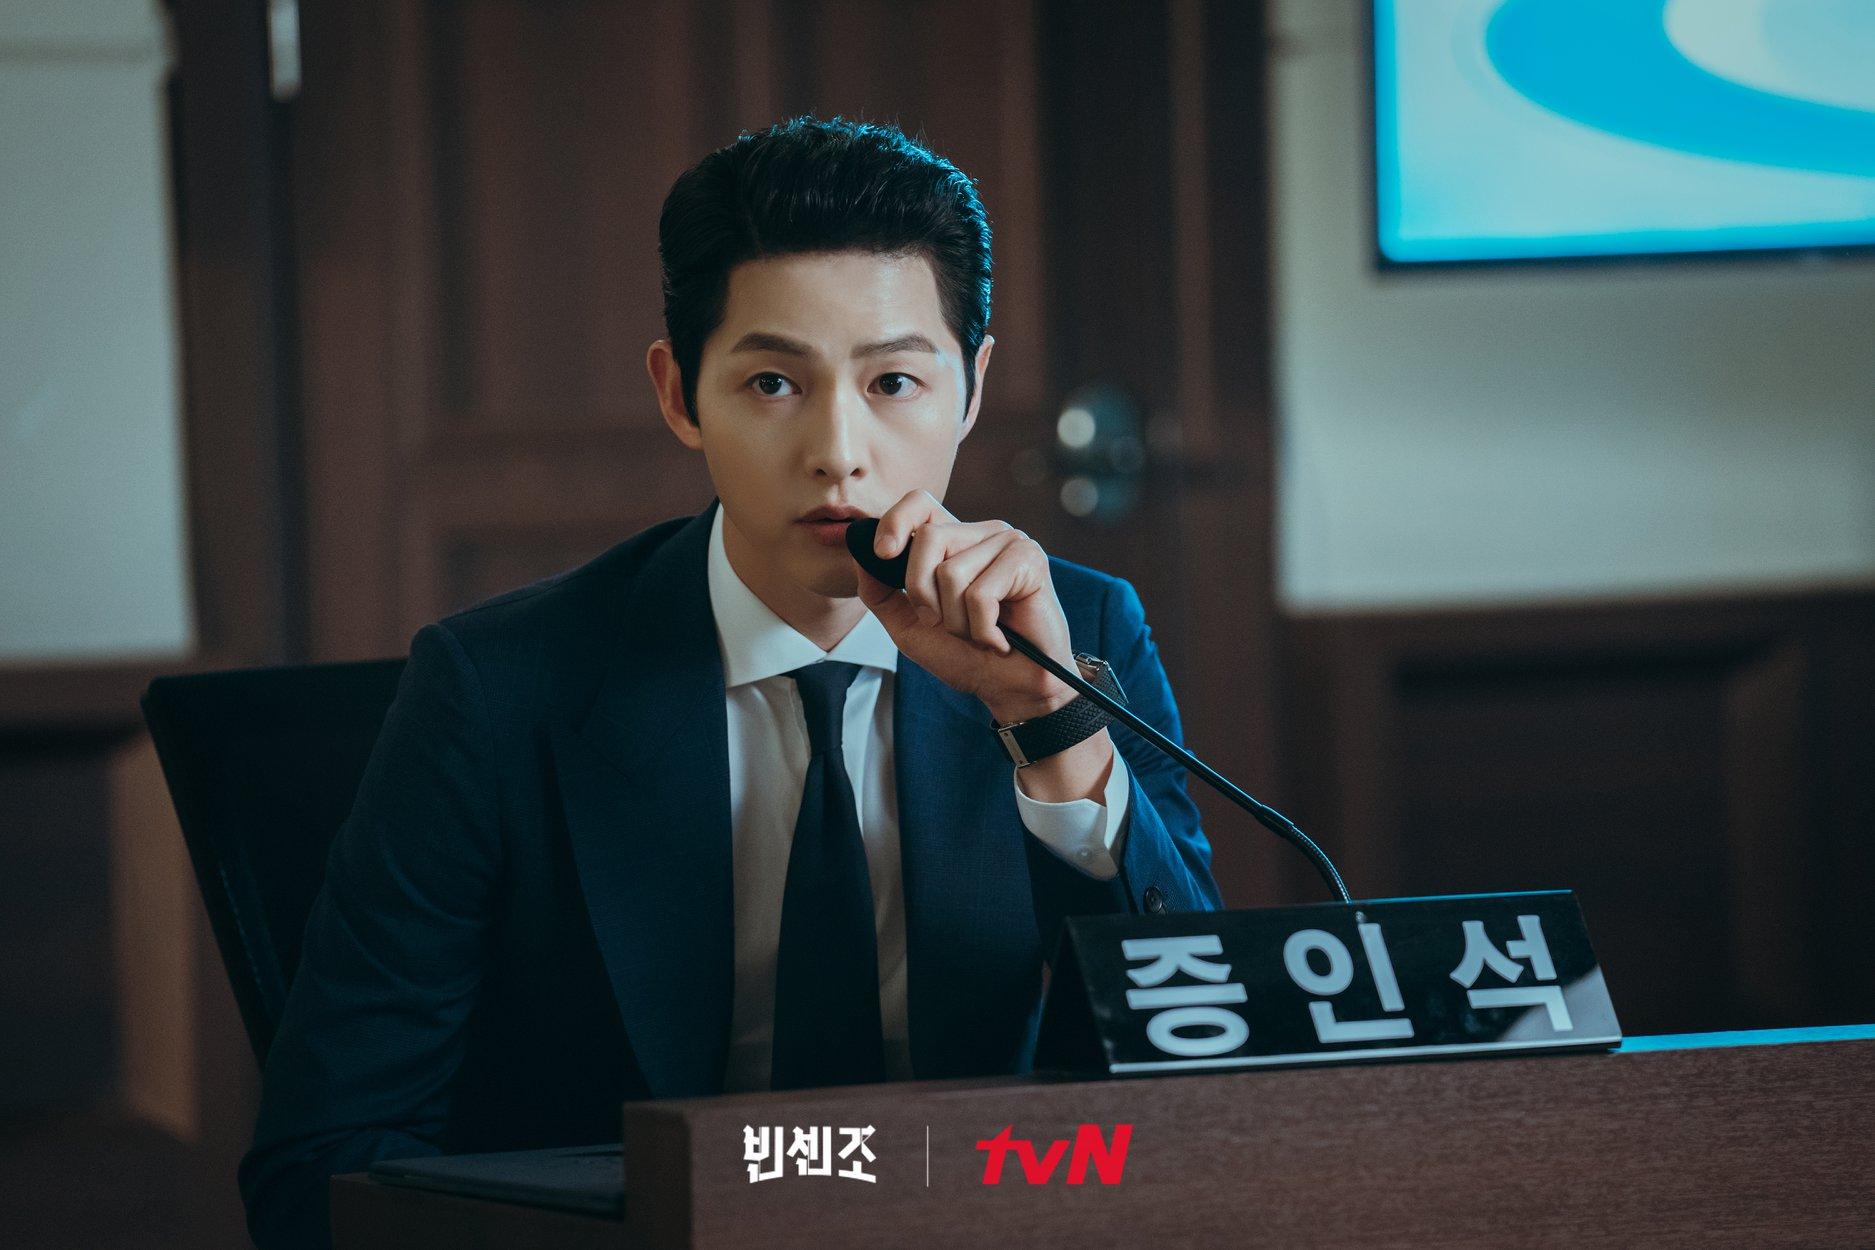 Chất giọng đẹp được Song Joong Ki thể hiện trong Vincenzo